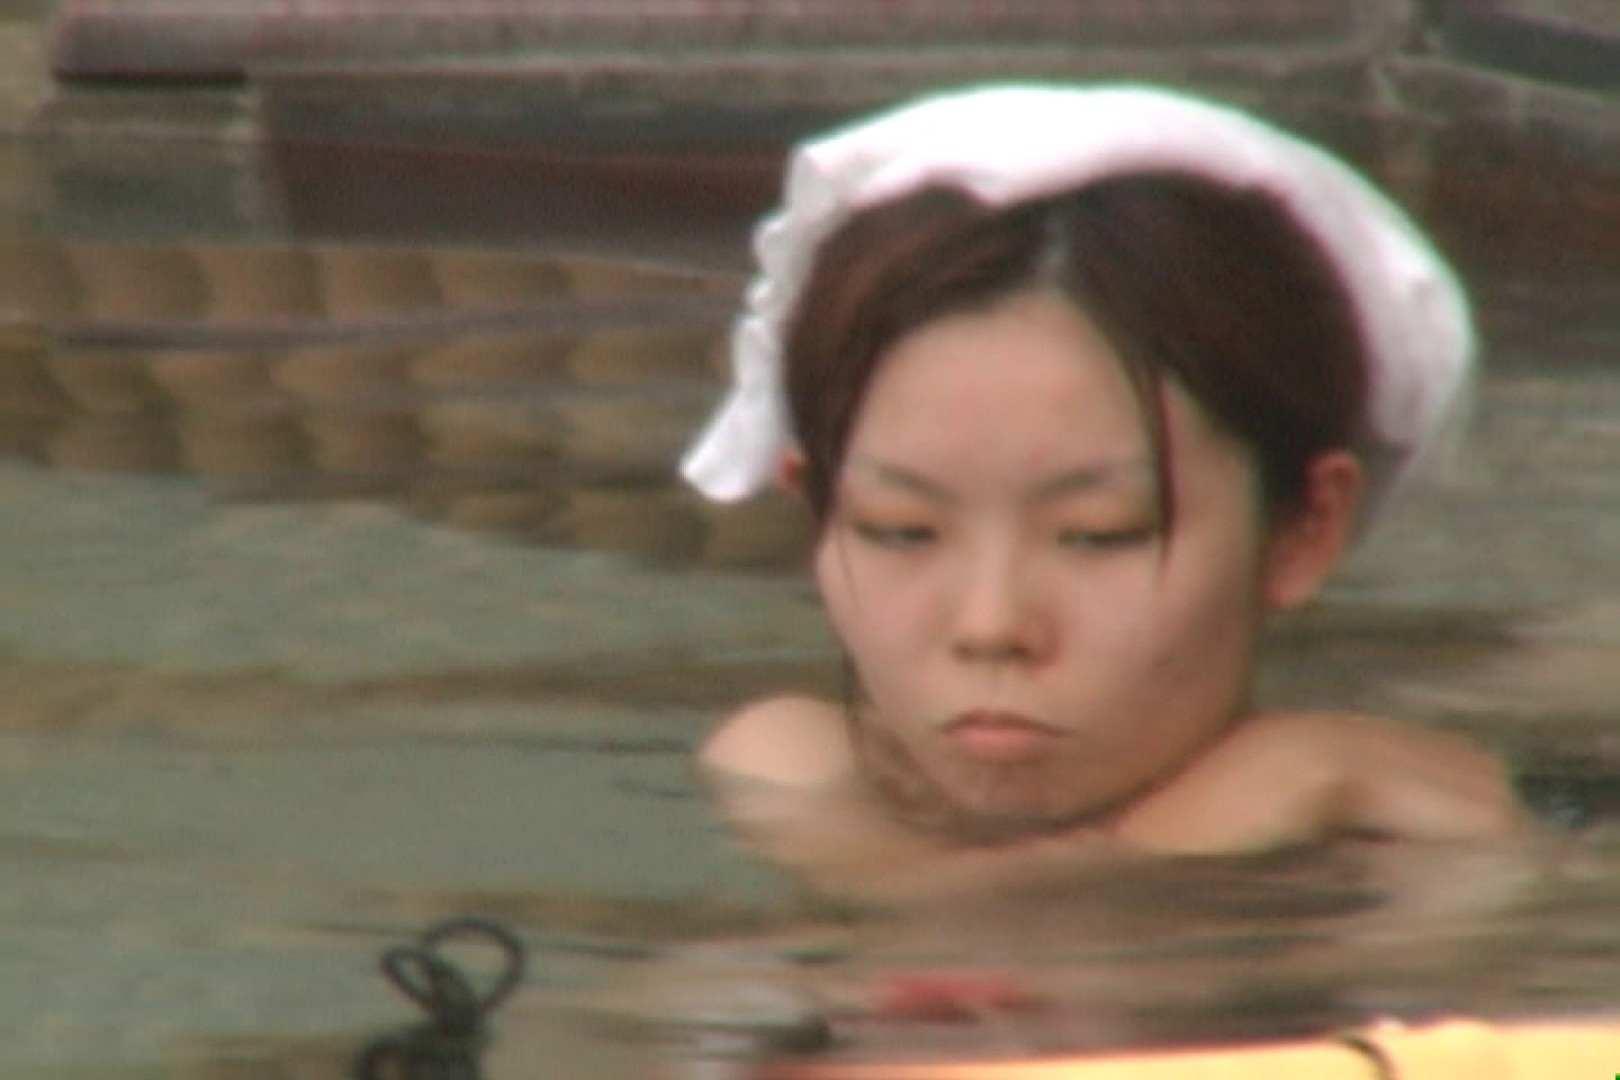 Aquaな露天風呂Vol.580 盗撮師作品 | 美しいOLの裸体  98pic 70